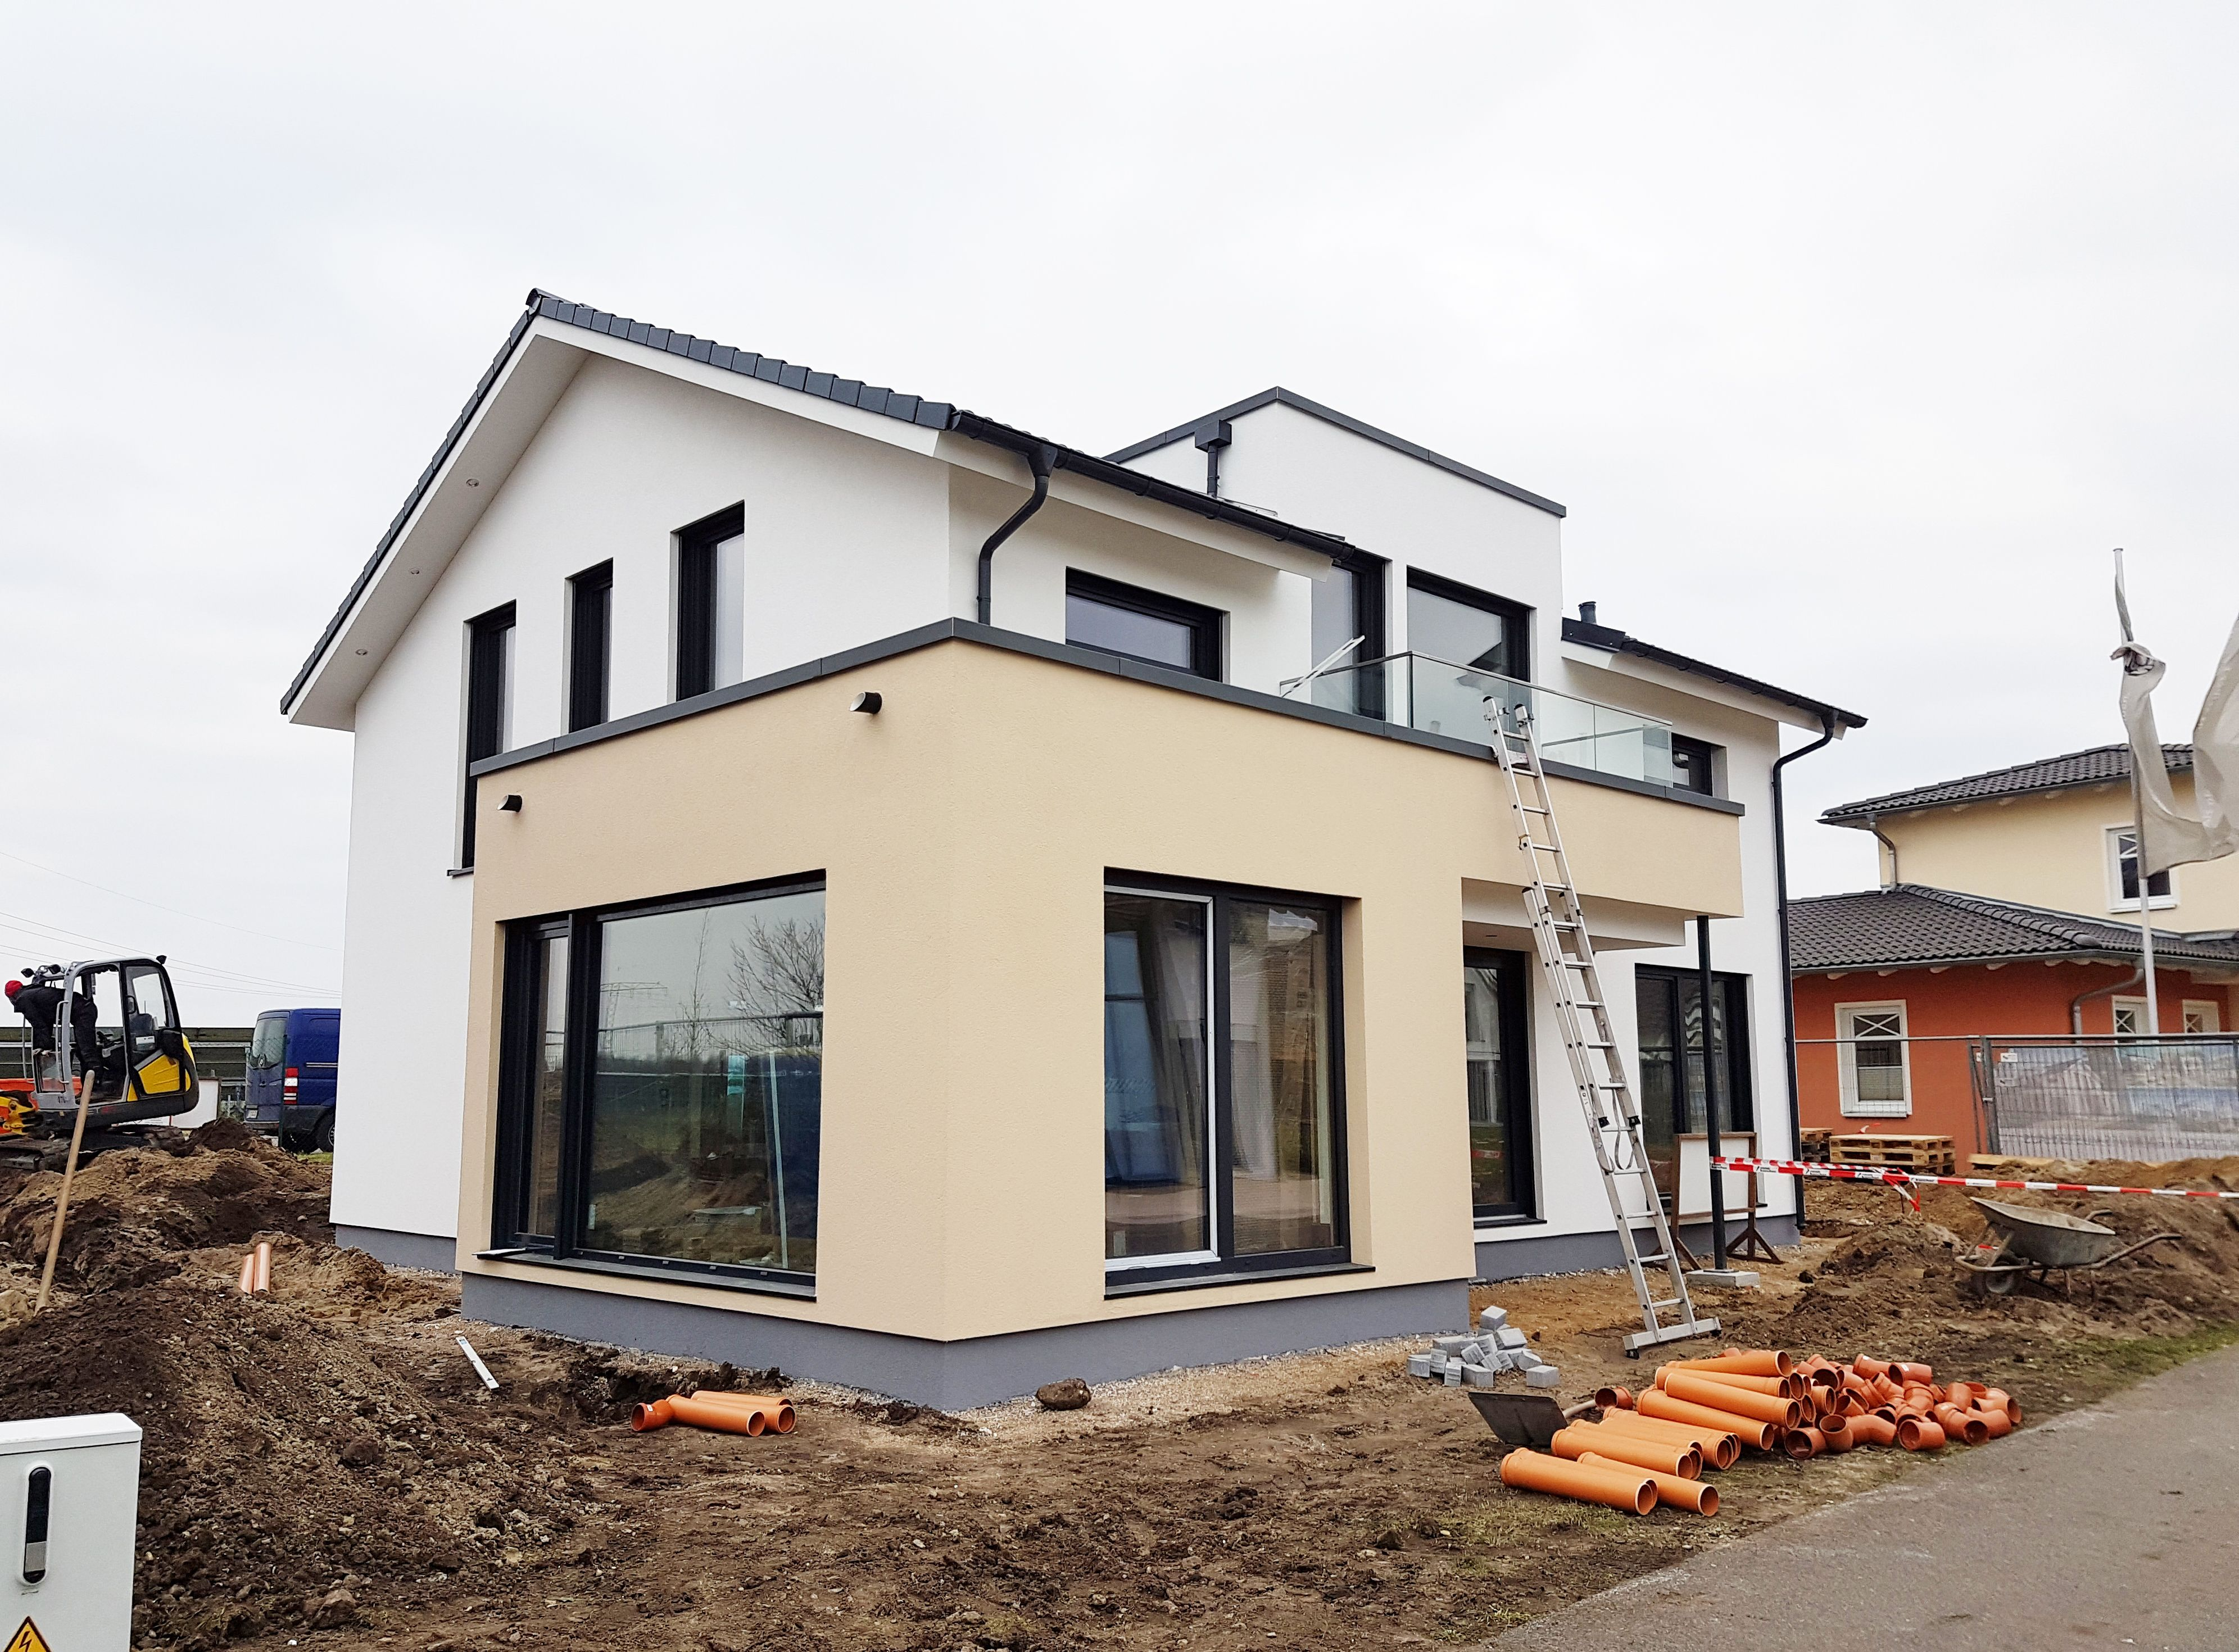 KW 49 / 2017 Das Gerüst ist abgebaut... die Außenfassade